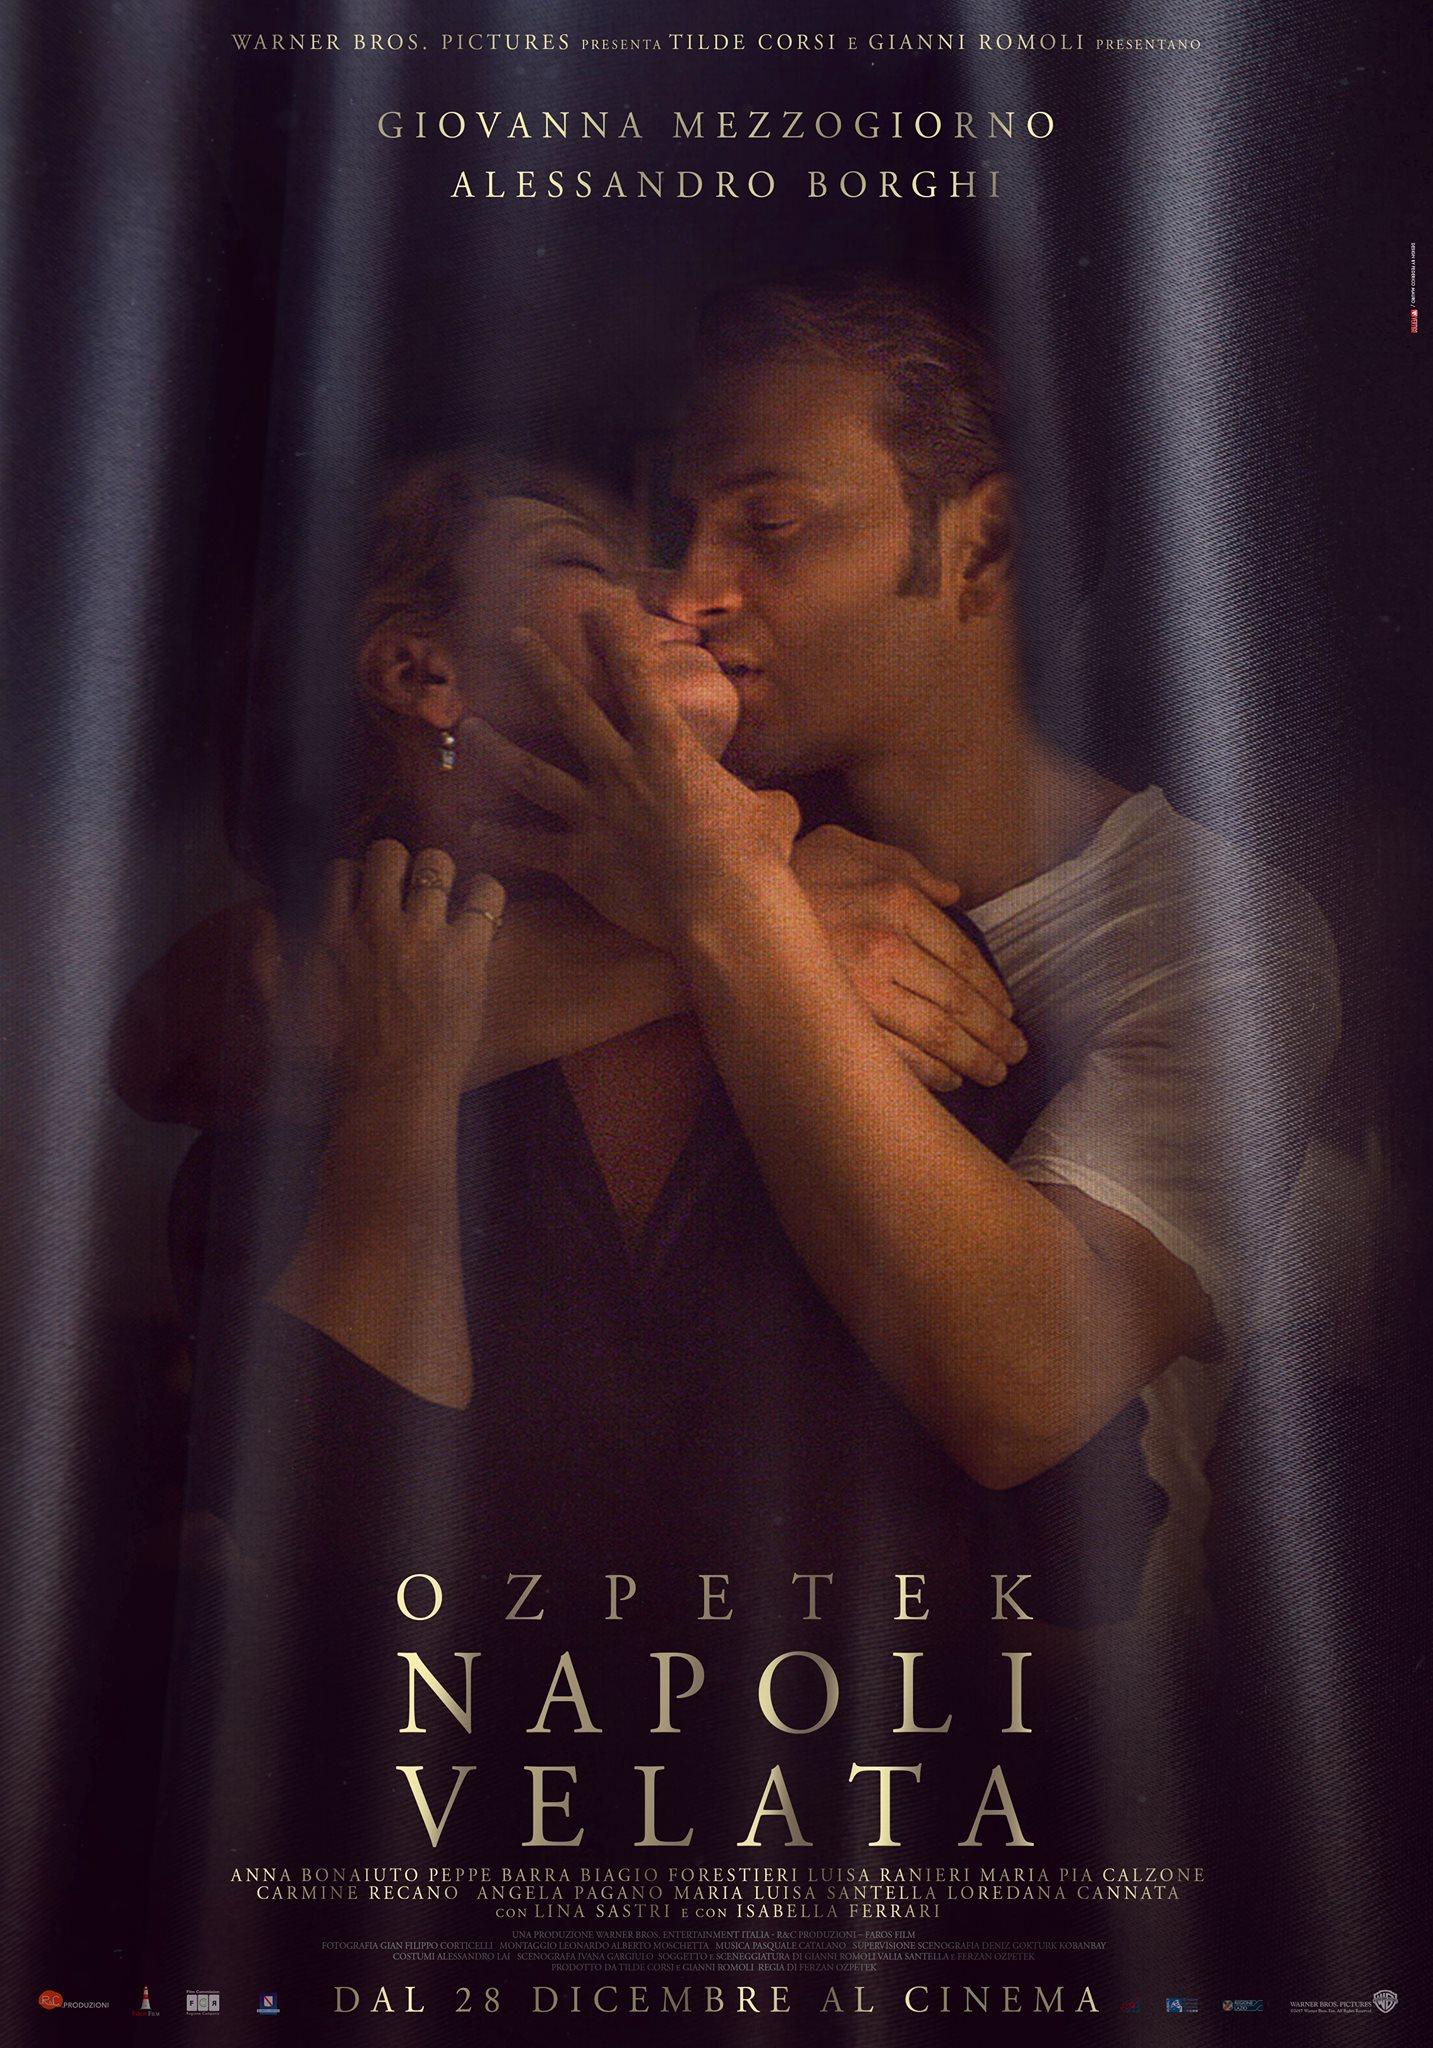 Napoli Velata  - Poster Ufficiale Italiano del film